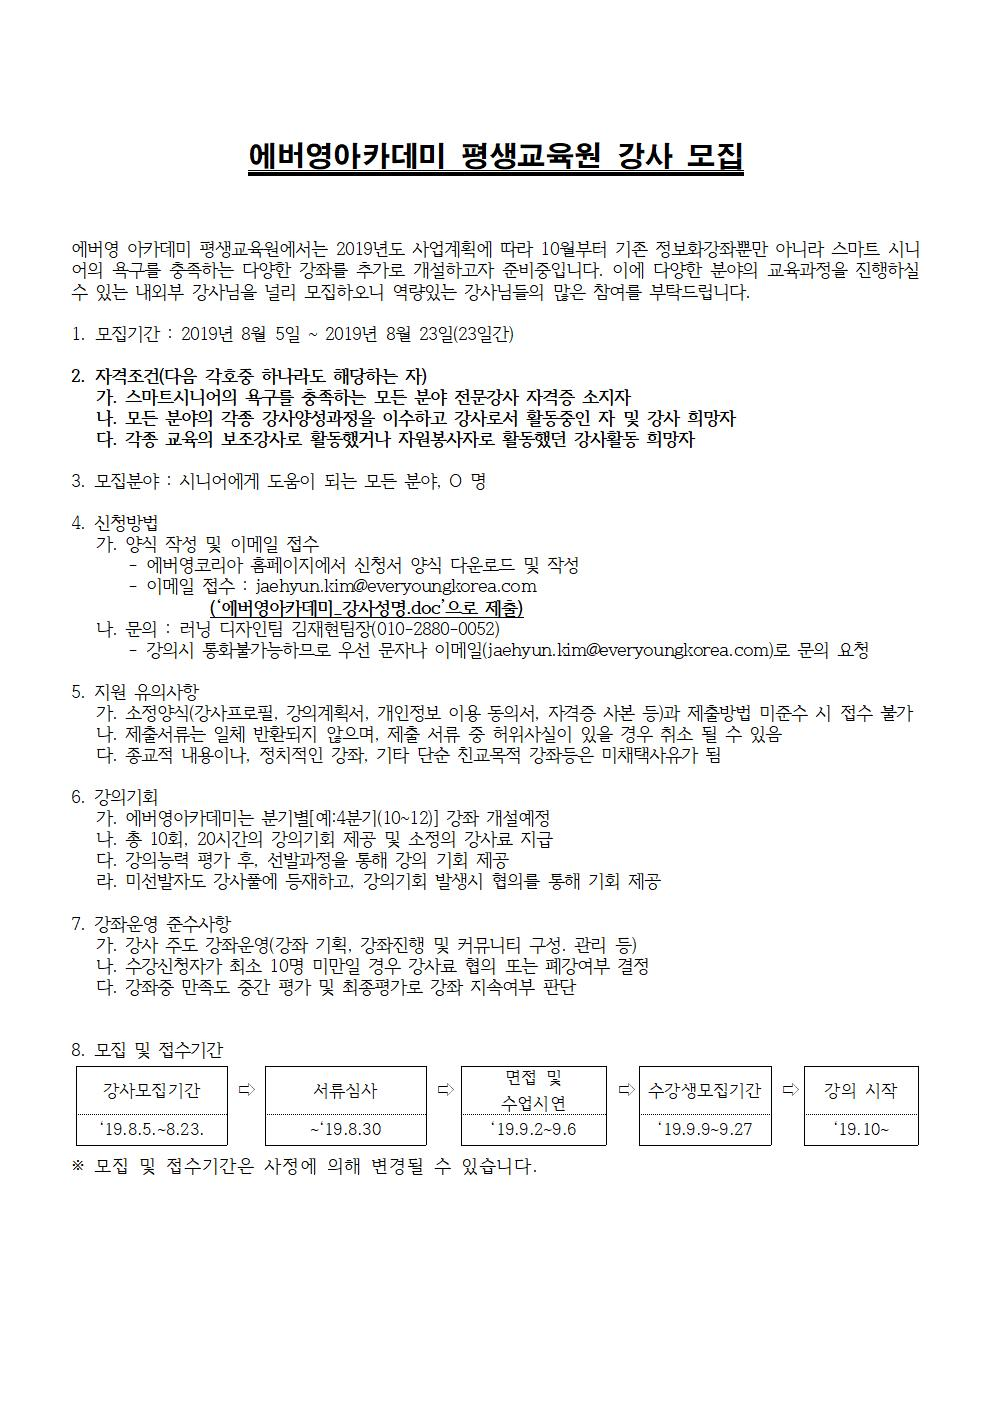 에버영아카데미 강사모집 공고문_20190805001.jpg